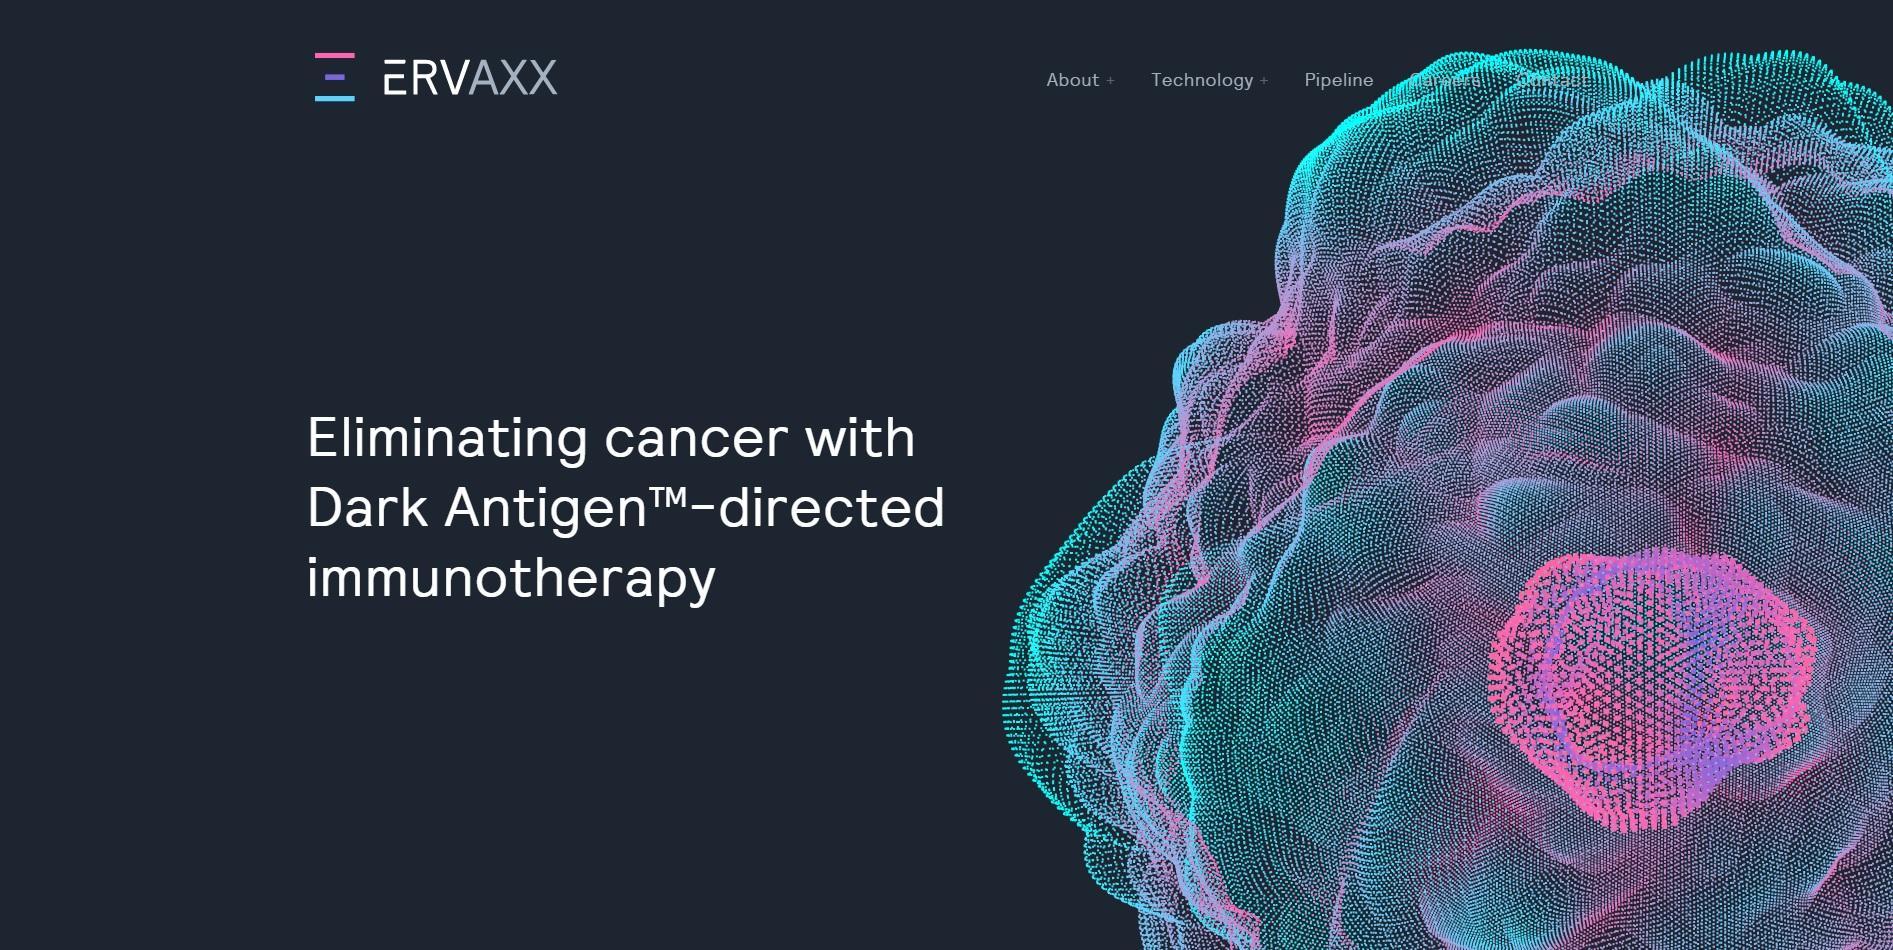 Mooie website van Ervaxx